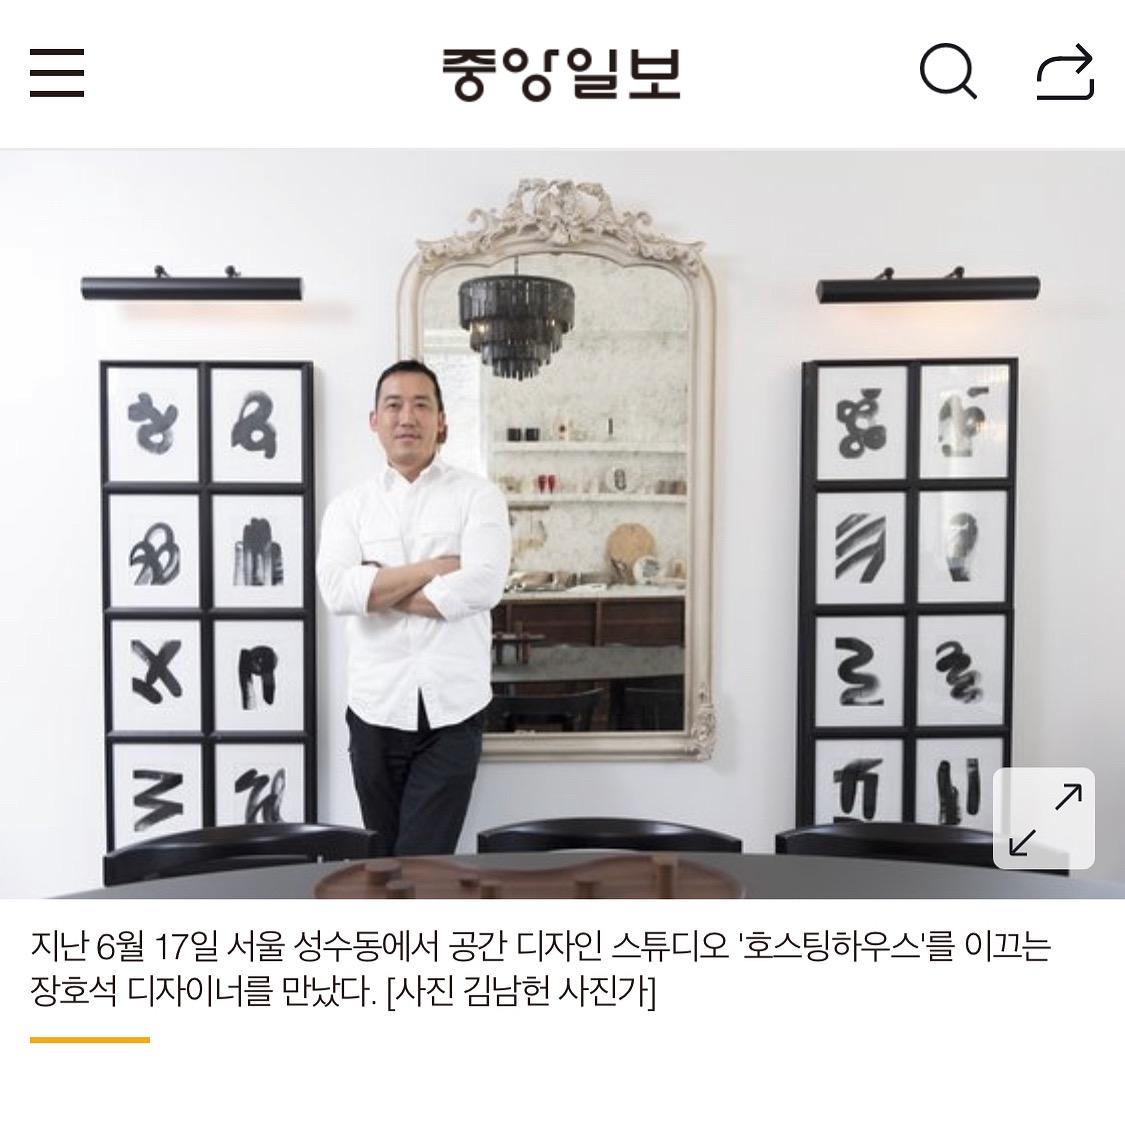 Joongang Daily- Hot Place Rule  중앙일보- '장호석이 말하는 '잘되는 공간'의 법칙